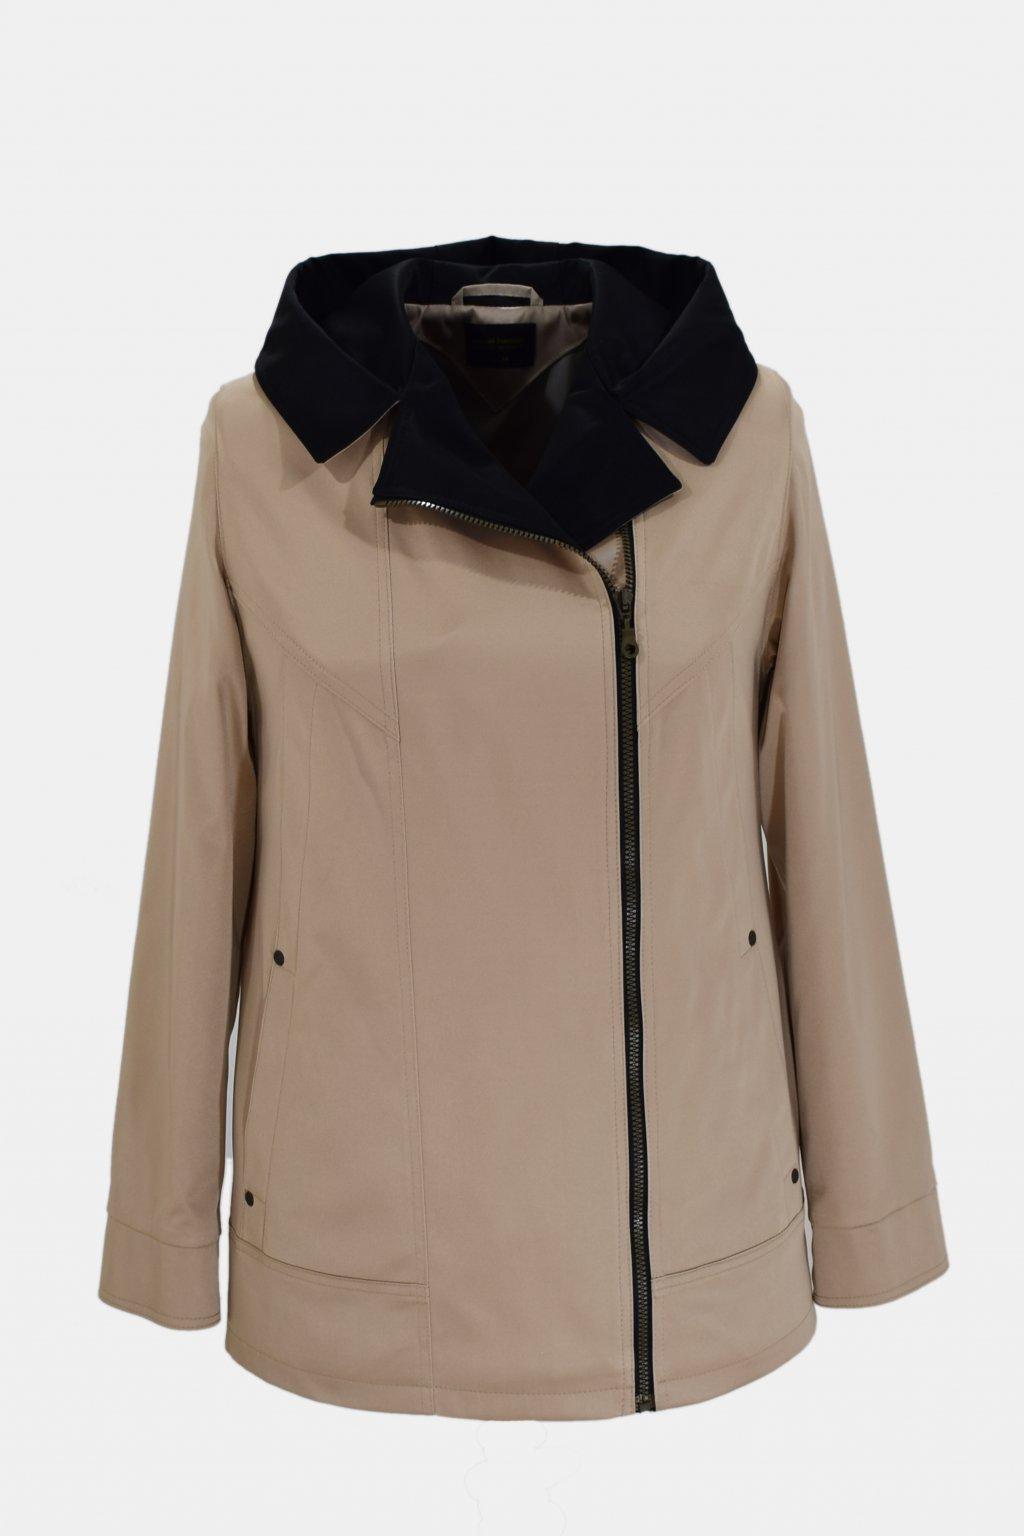 Dámská béžová jarní bunda Marika nadměrné velikosti.